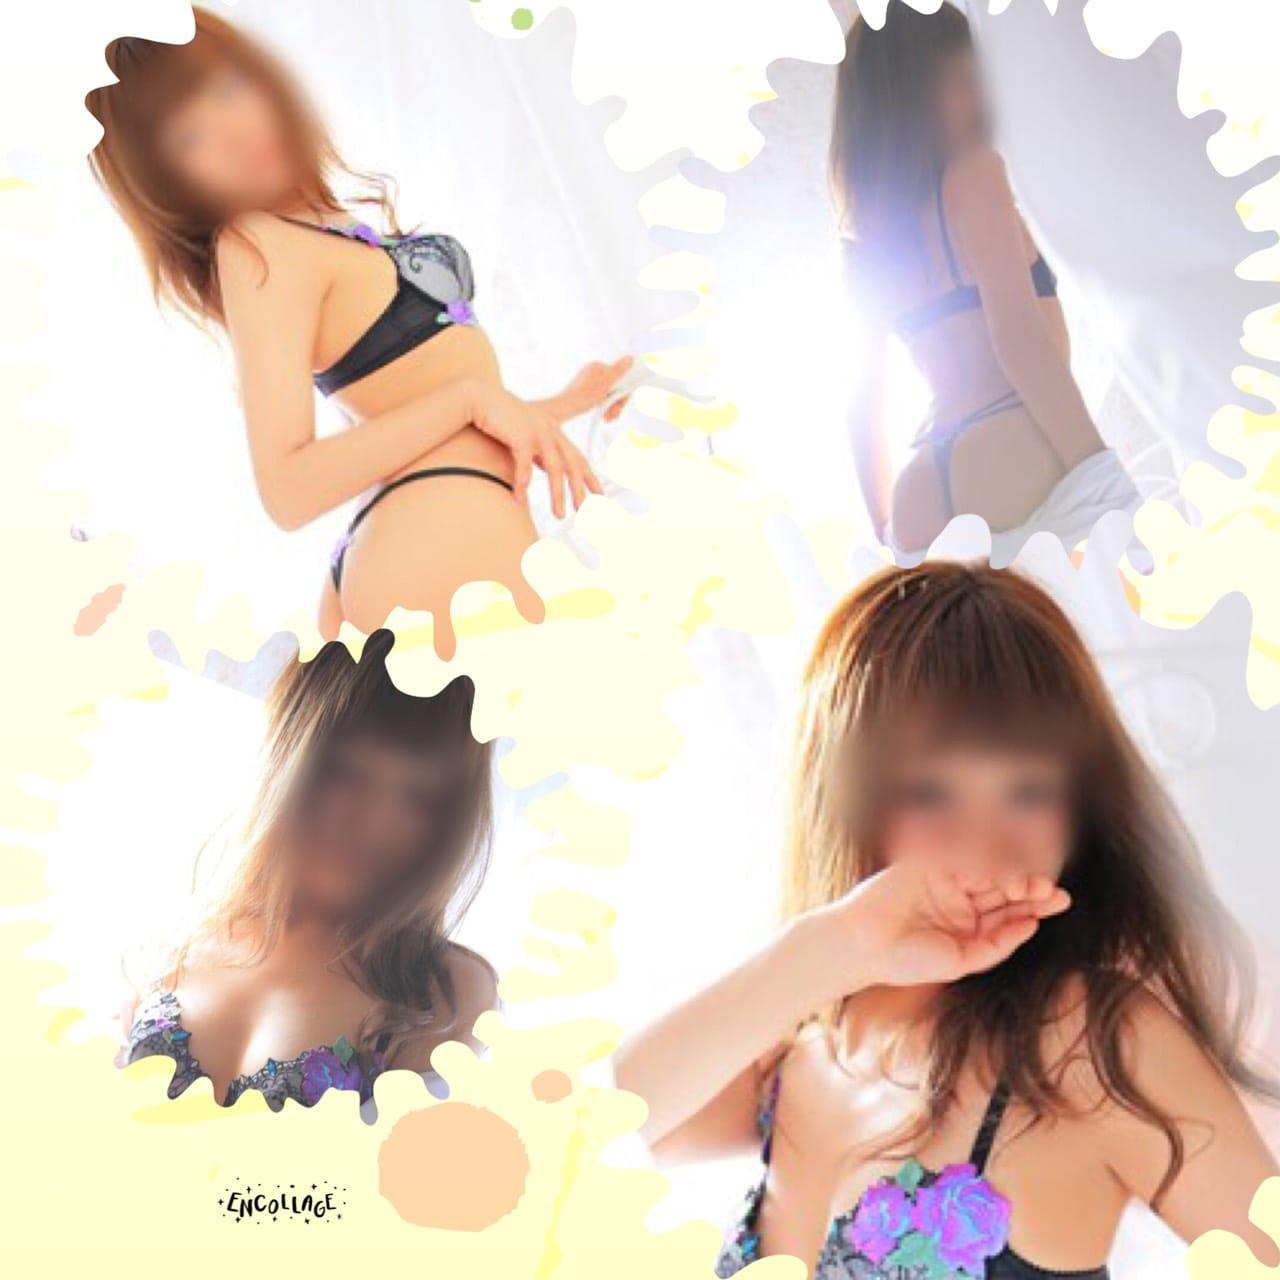 美咲「こんにちは♪」04/20(金) 14:07 | 美咲の写メ・風俗動画